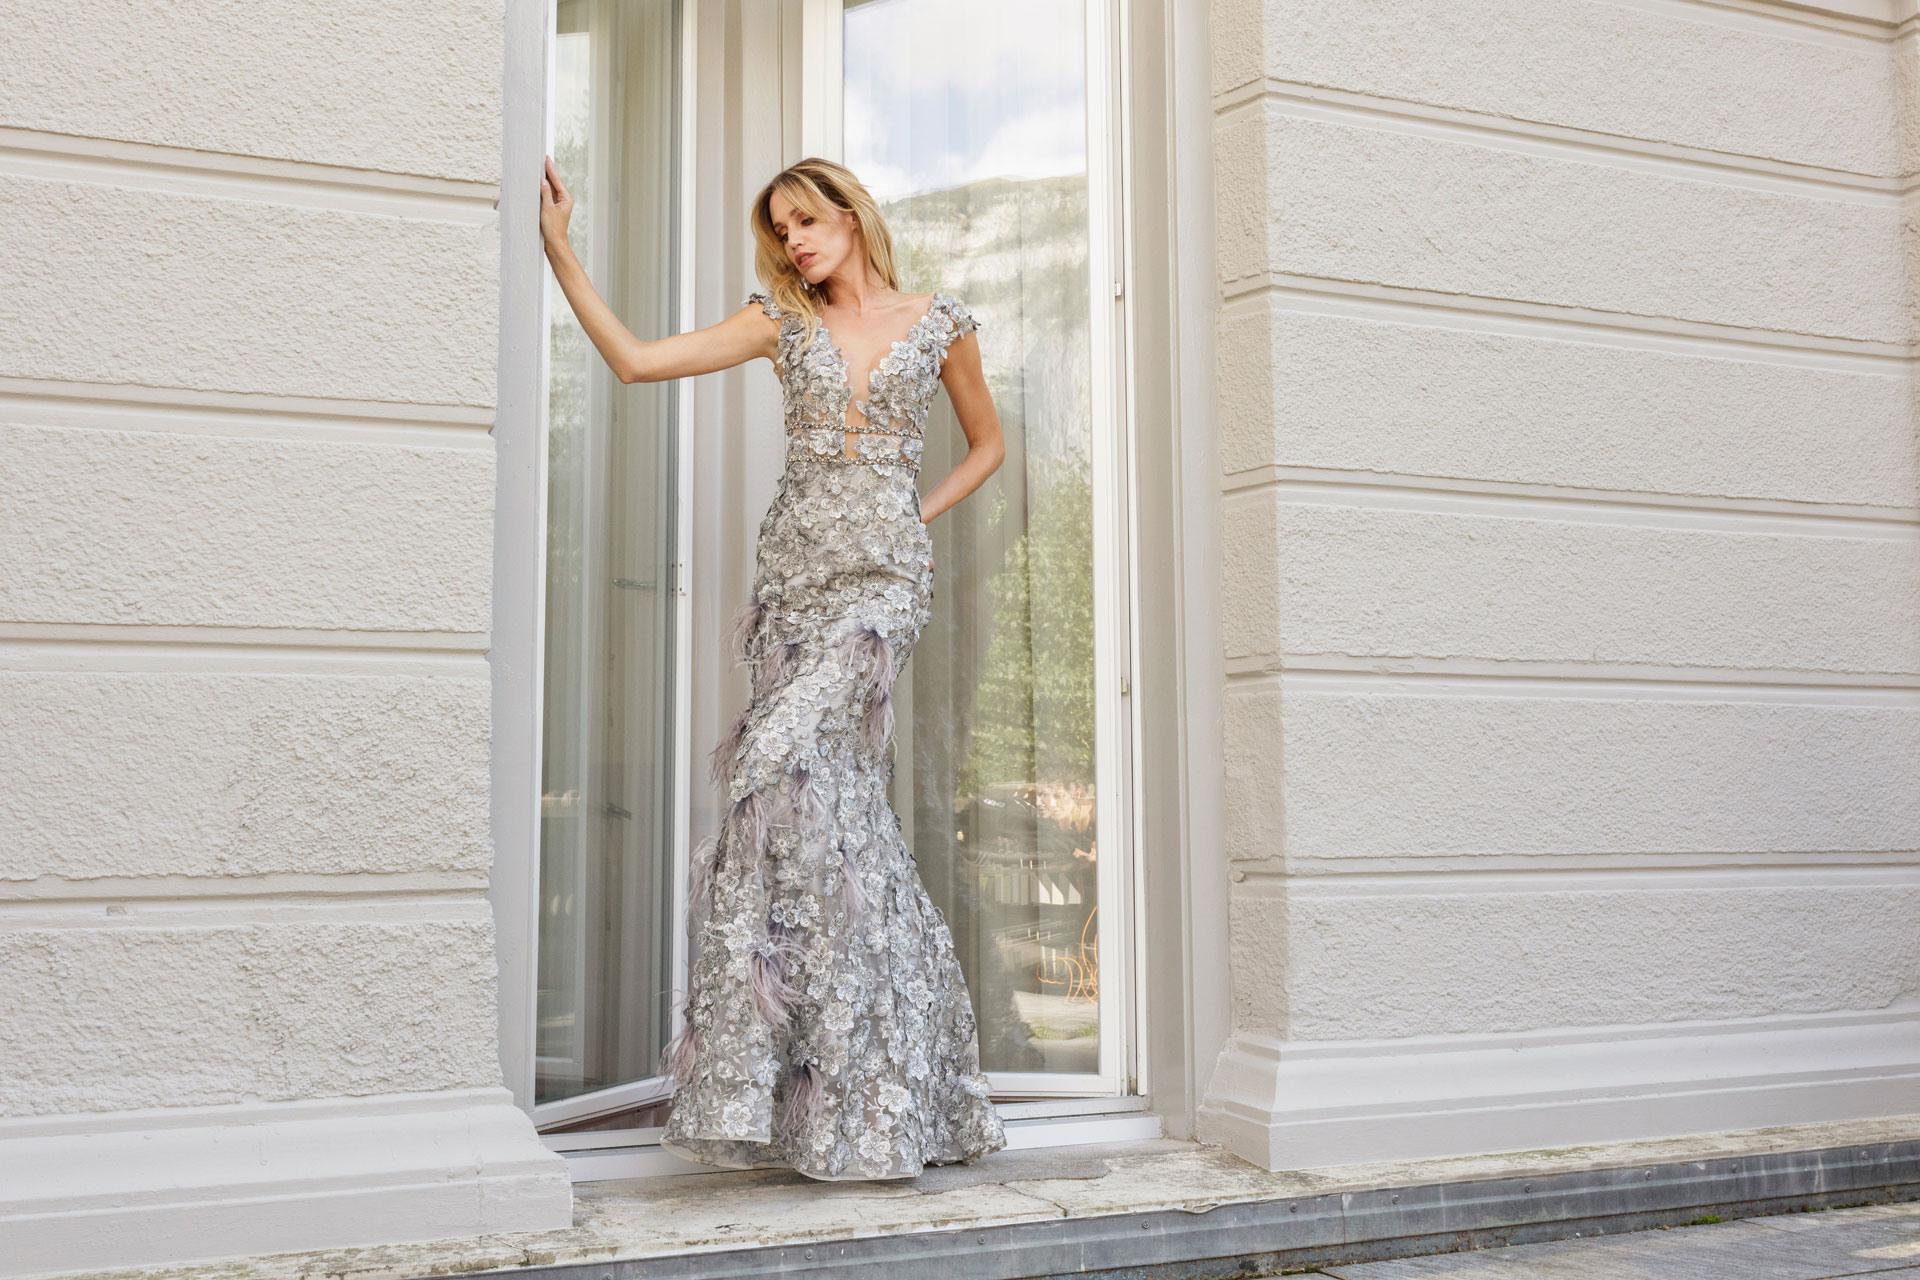 20 Fantastisch Abendkleider Bern DesignFormal Ausgezeichnet Abendkleider Bern Bester Preis